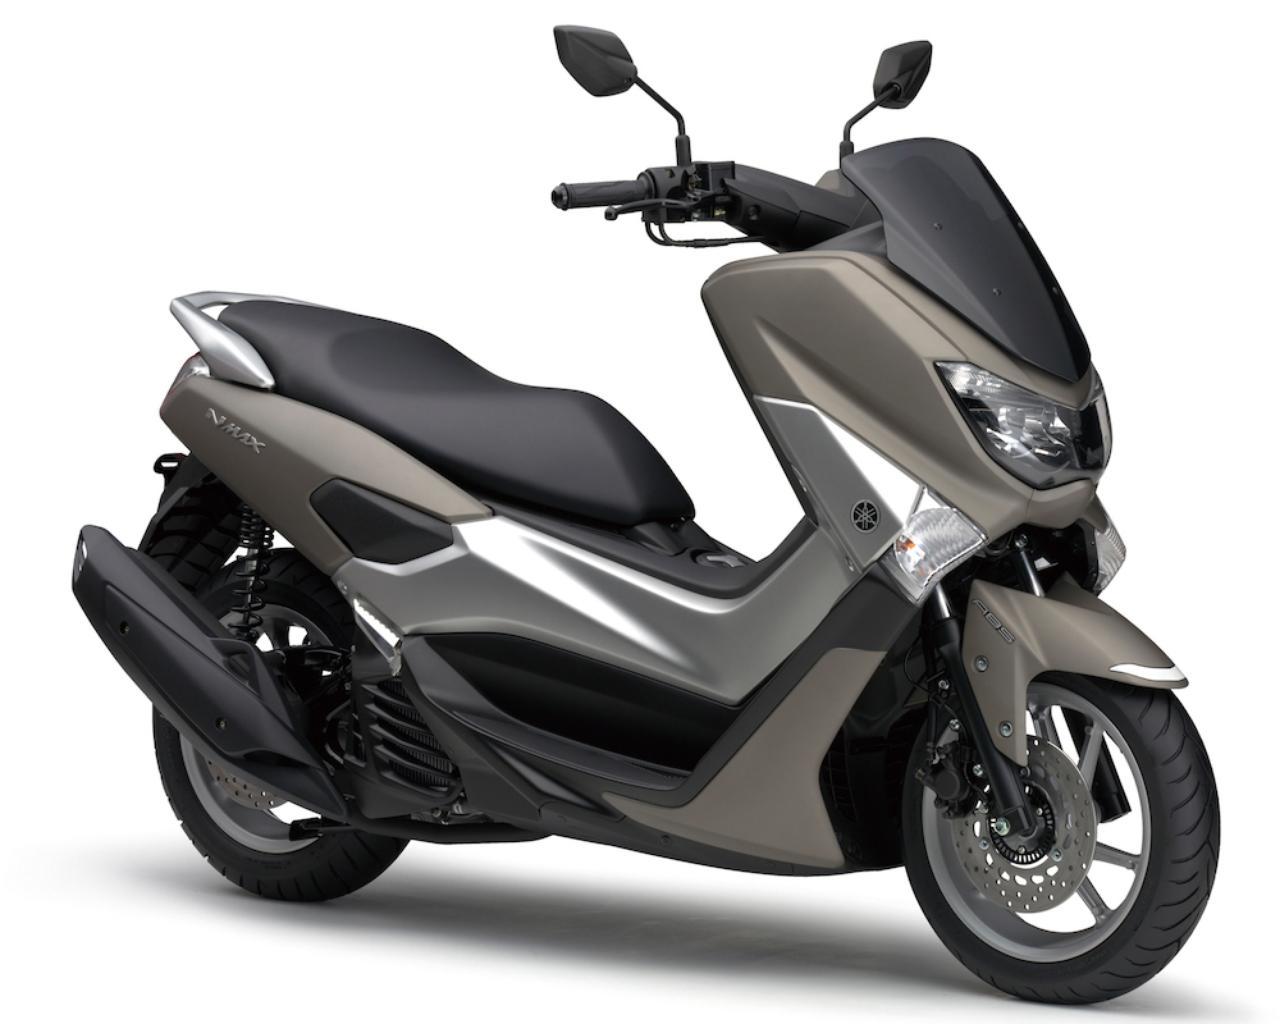 画像: Y049 YAMAHA NMAX ■価格:34万200円 ヤマハMAXシリーズのスタイルとキビキビとした走りを、125ccクラスに取り入れたのがNMAX。中でも注目は国内初採用の「ブルーコアエンジン」。このエンジンは「走りの楽しさ」と「燃費・環境性能」の両立をコンセプトに、高効率燃焼、高い冷却性、ロス低減を徹底的に追求。ハイパワー・好燃費を実現している。